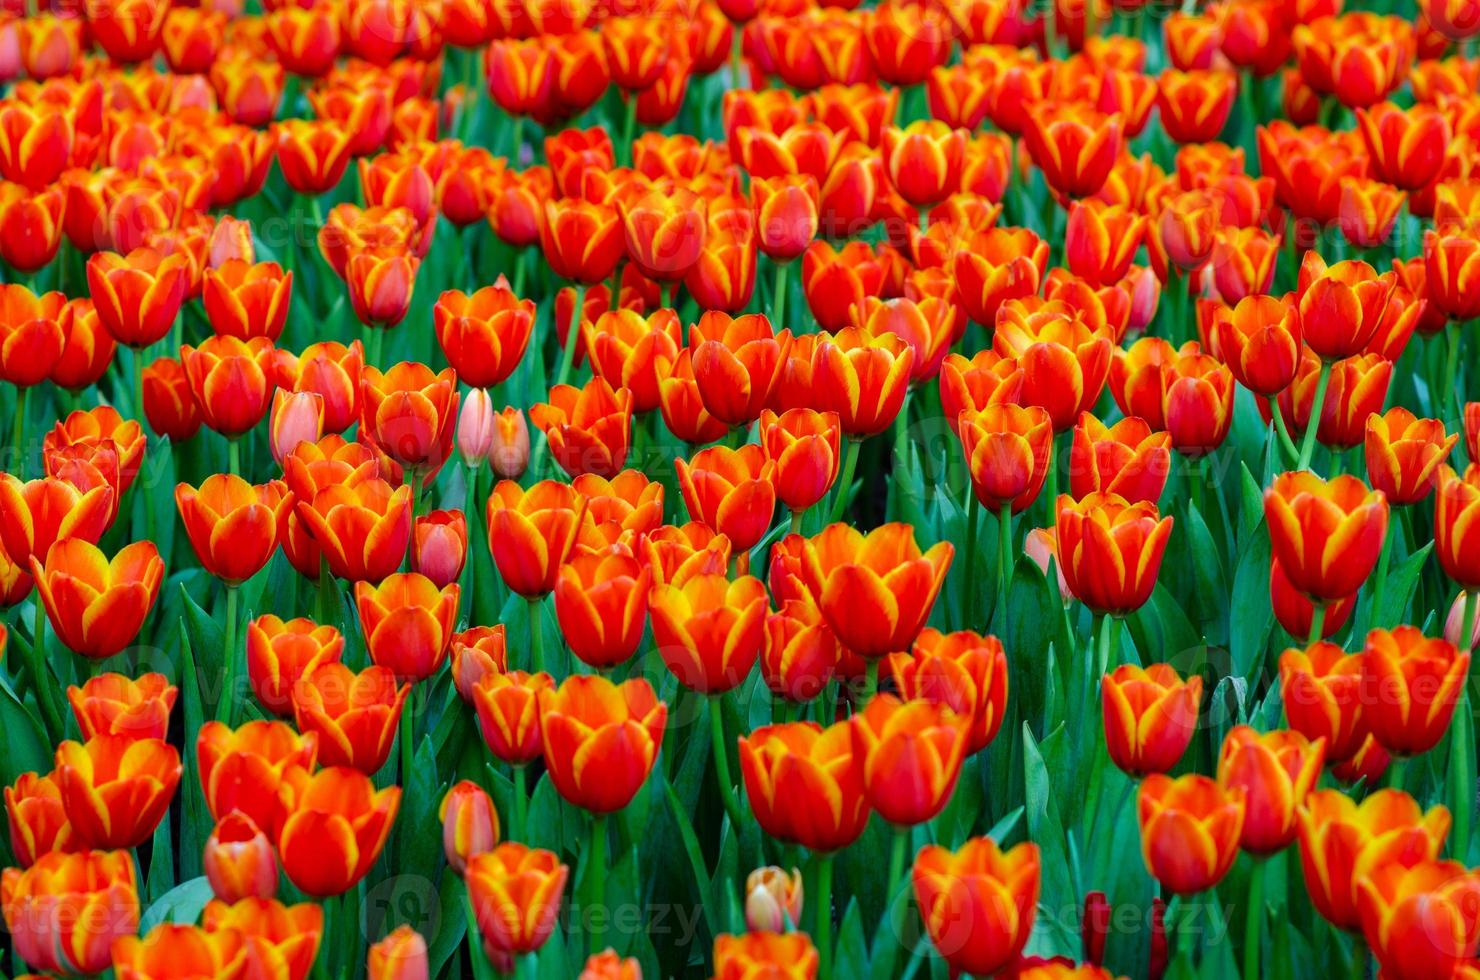 os campos de tulipas vermelhas e amarelas estão florescendo densamente foto